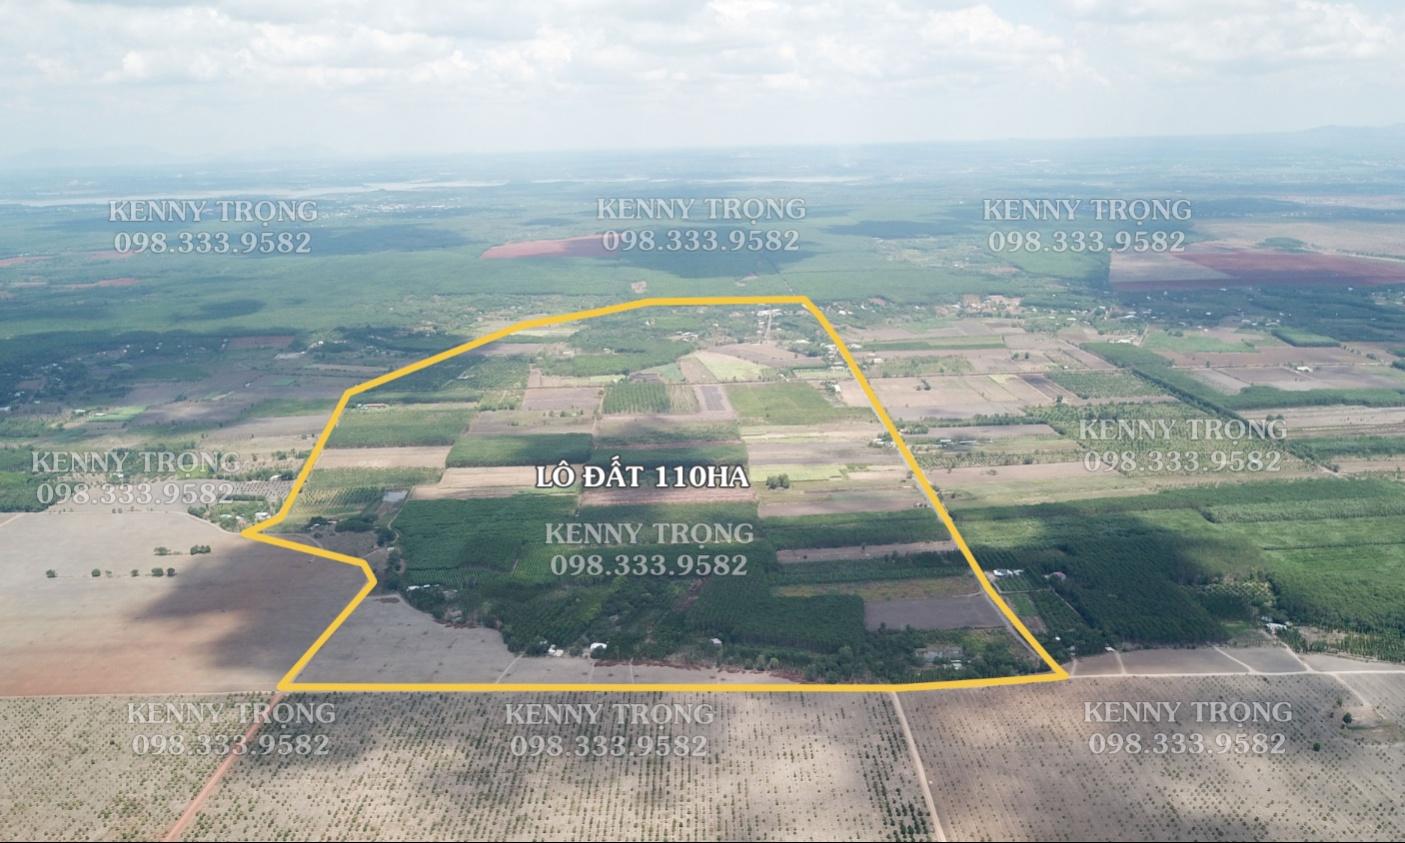 Lô đất cực rộng 110ha phù hợp cho tái định cư, nông nghiệp công nghệ cao tại ...